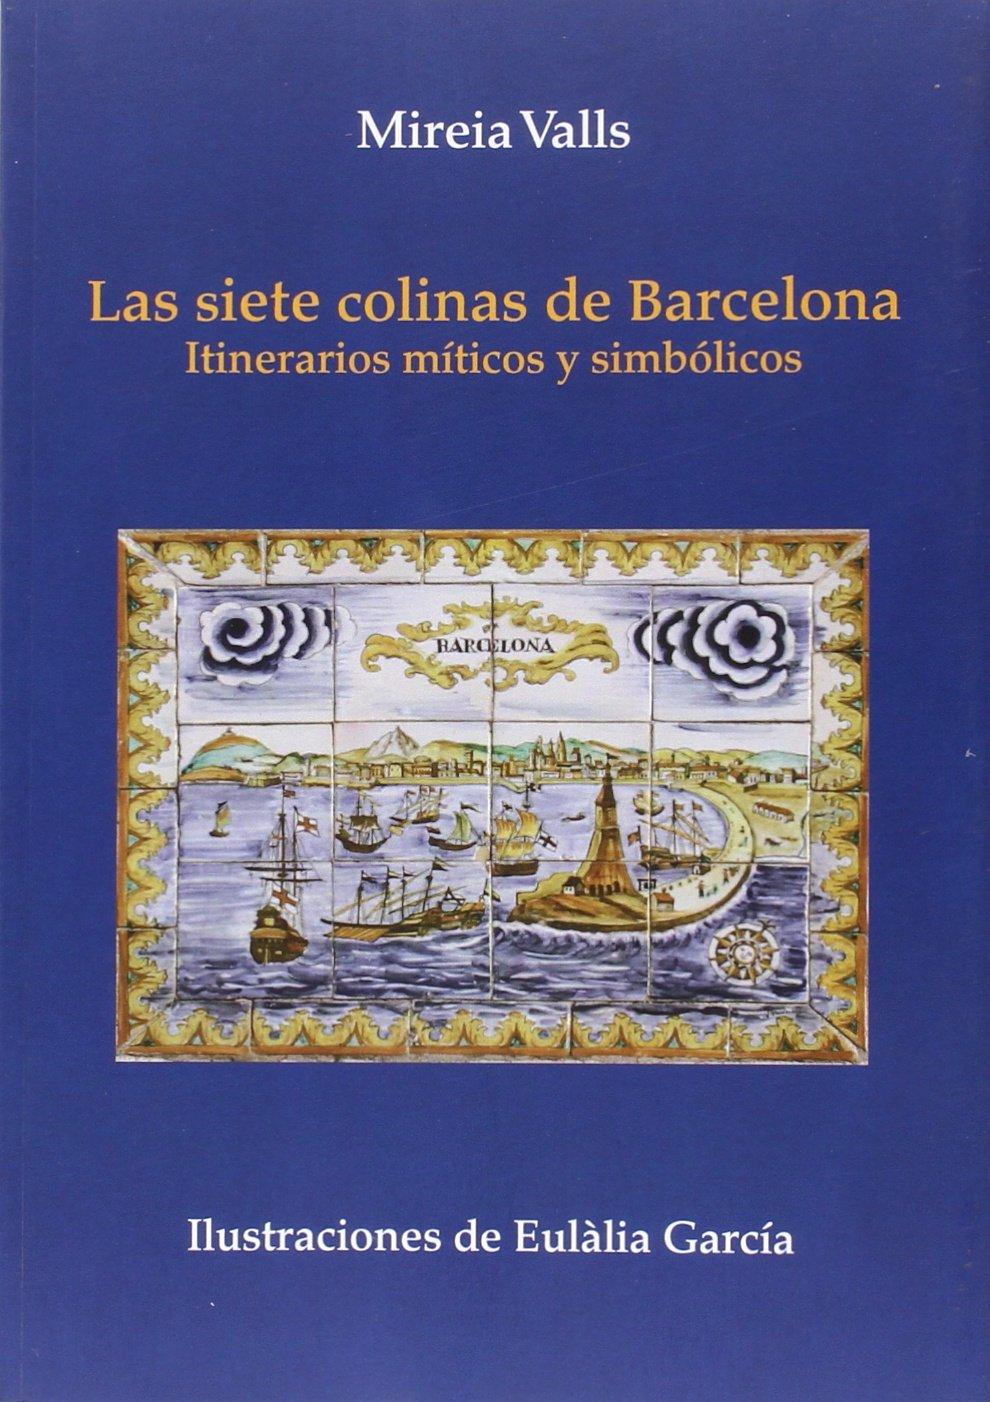 Siete Colinas De Barcelona, Las. Itinerarios Míticos Y Simbólicos:  Amazon.es: Mireia Valls: Libros